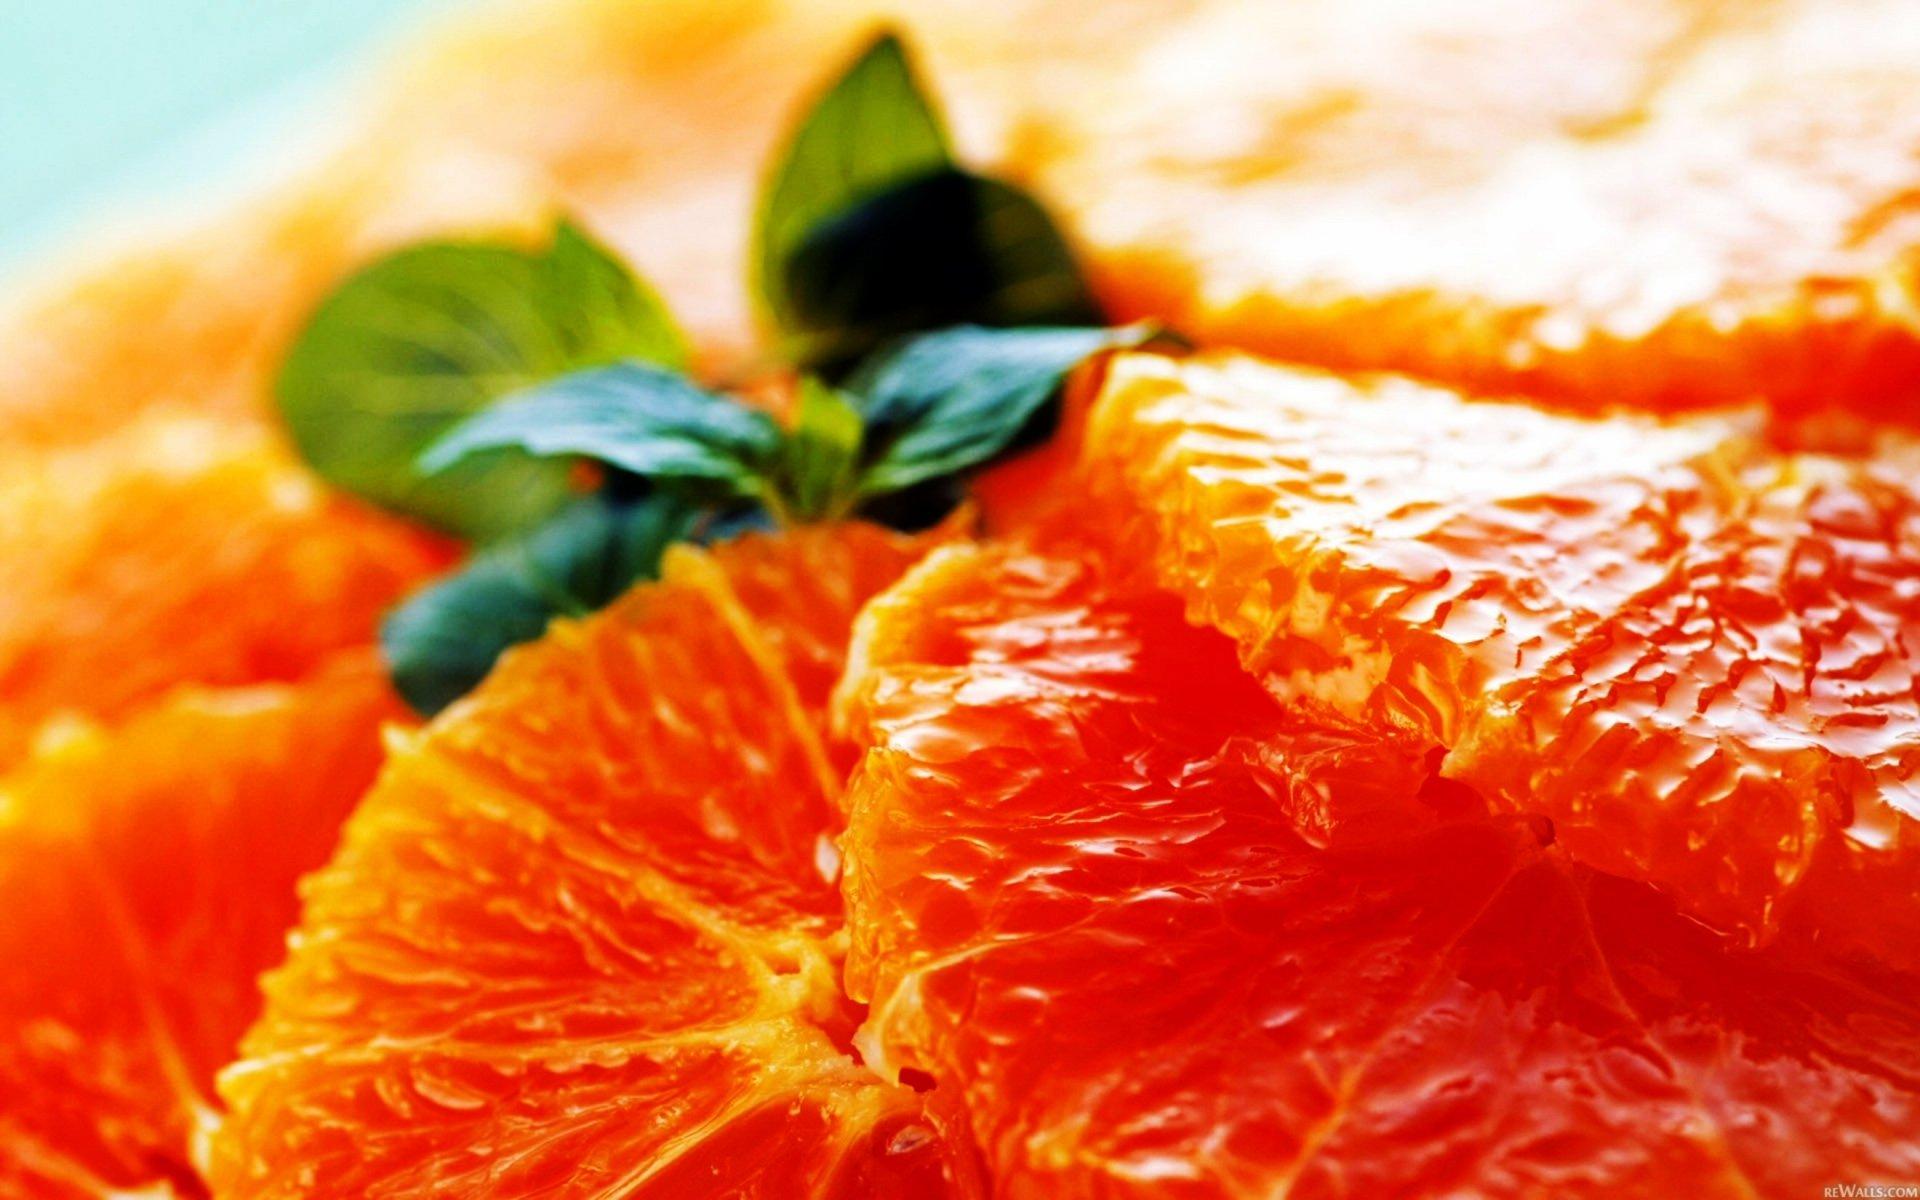 Food - Fruit  orange (Fruit) Wallpaper